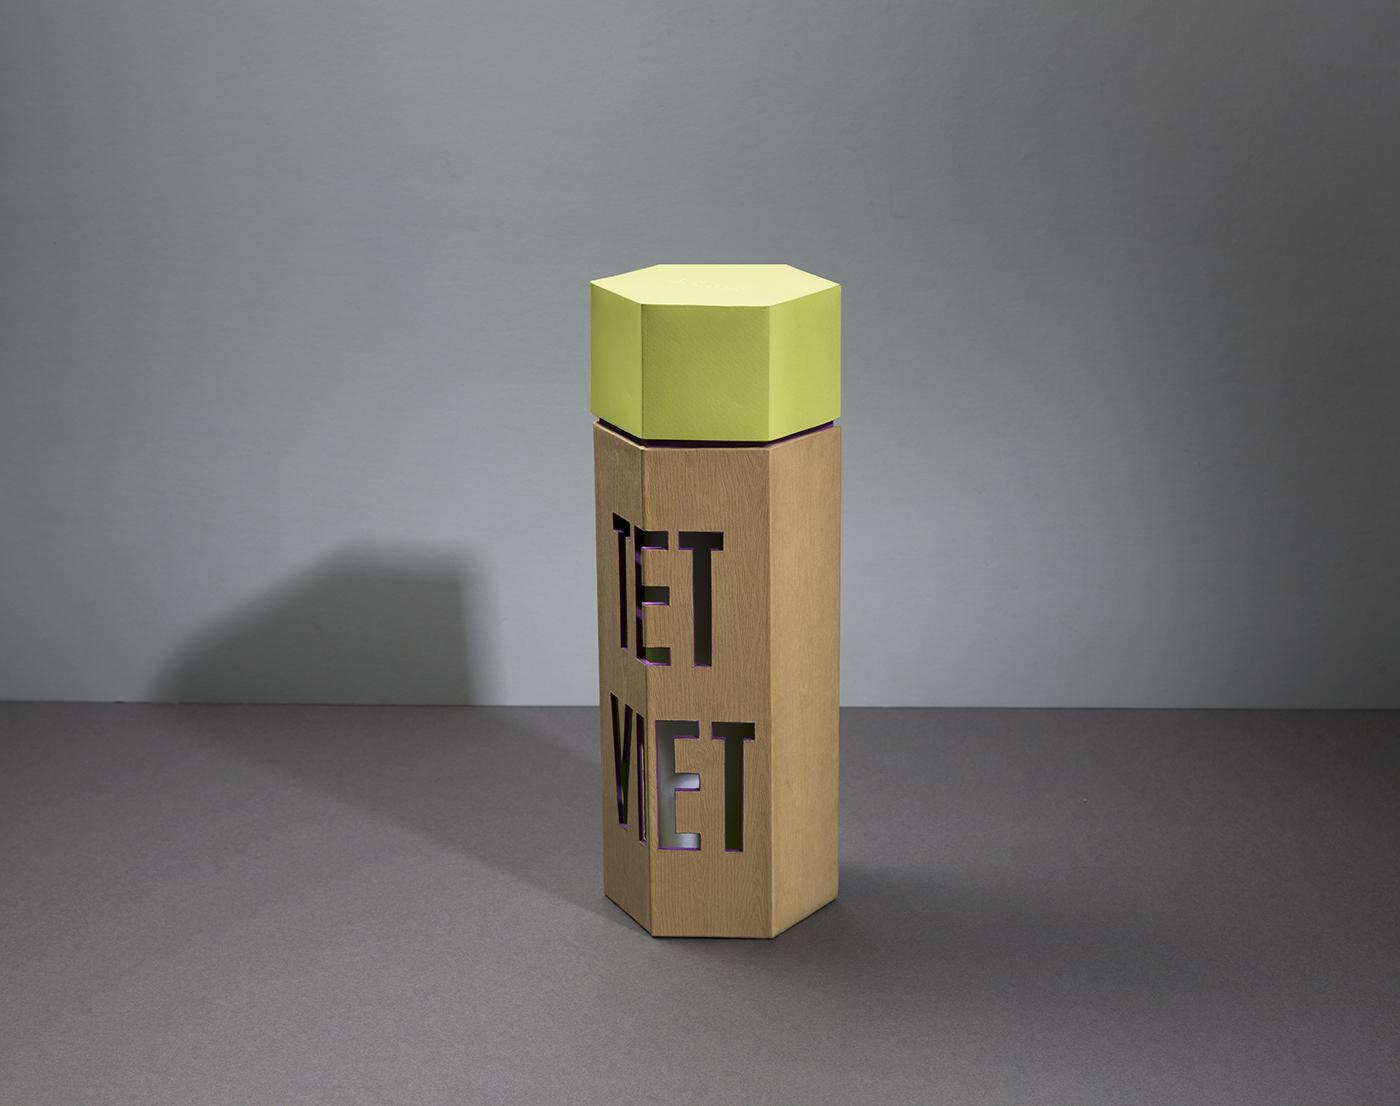 packaging-tet viet